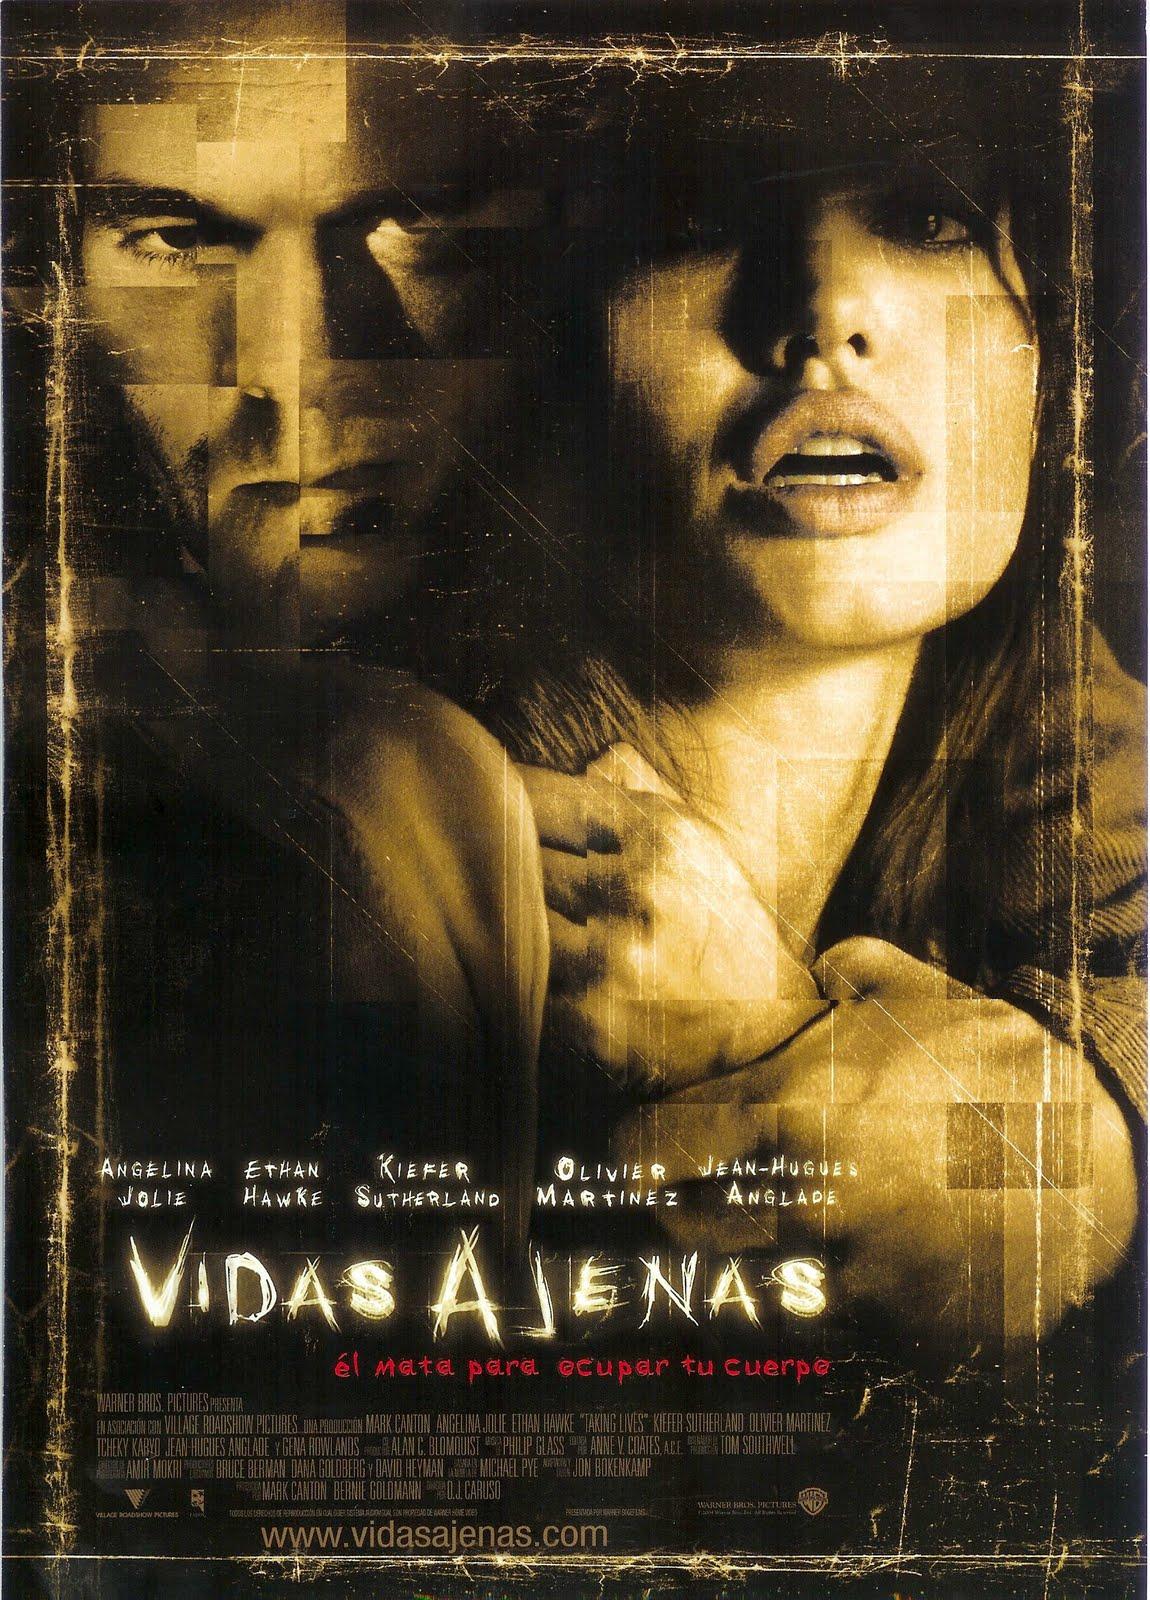 Vidas Ajenas (2004)